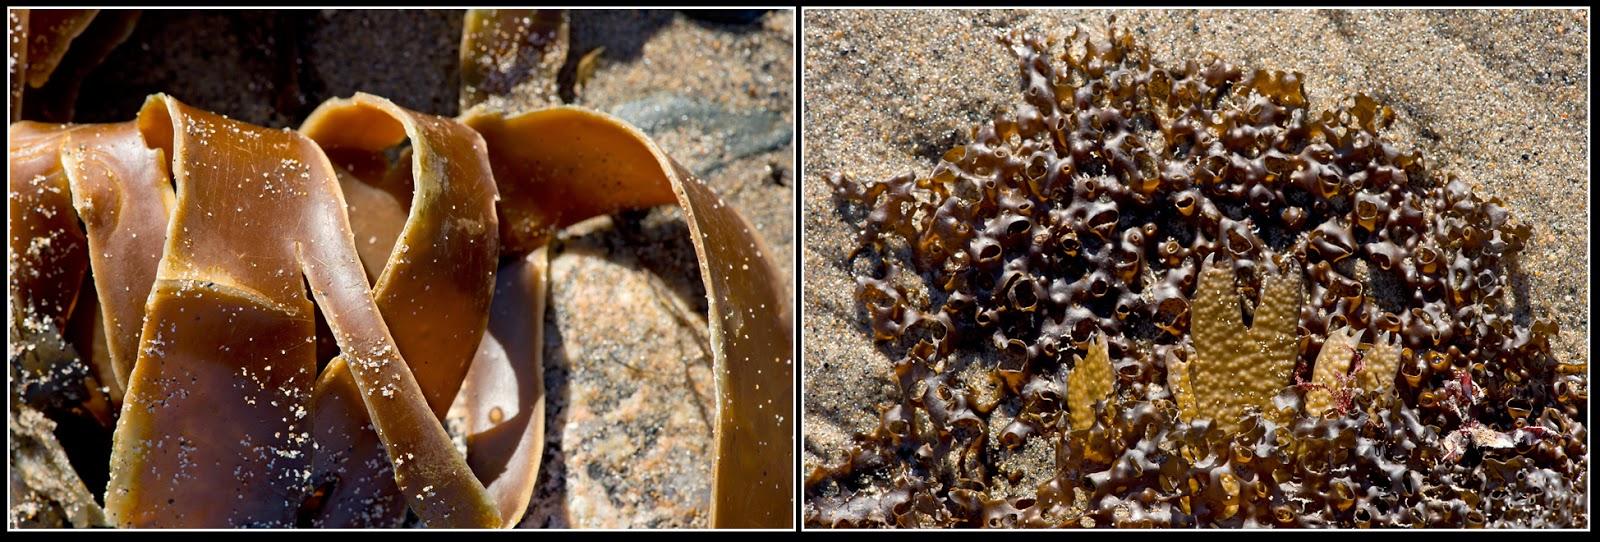 Nova Scotia; Hirtle's Beach; Seaweed